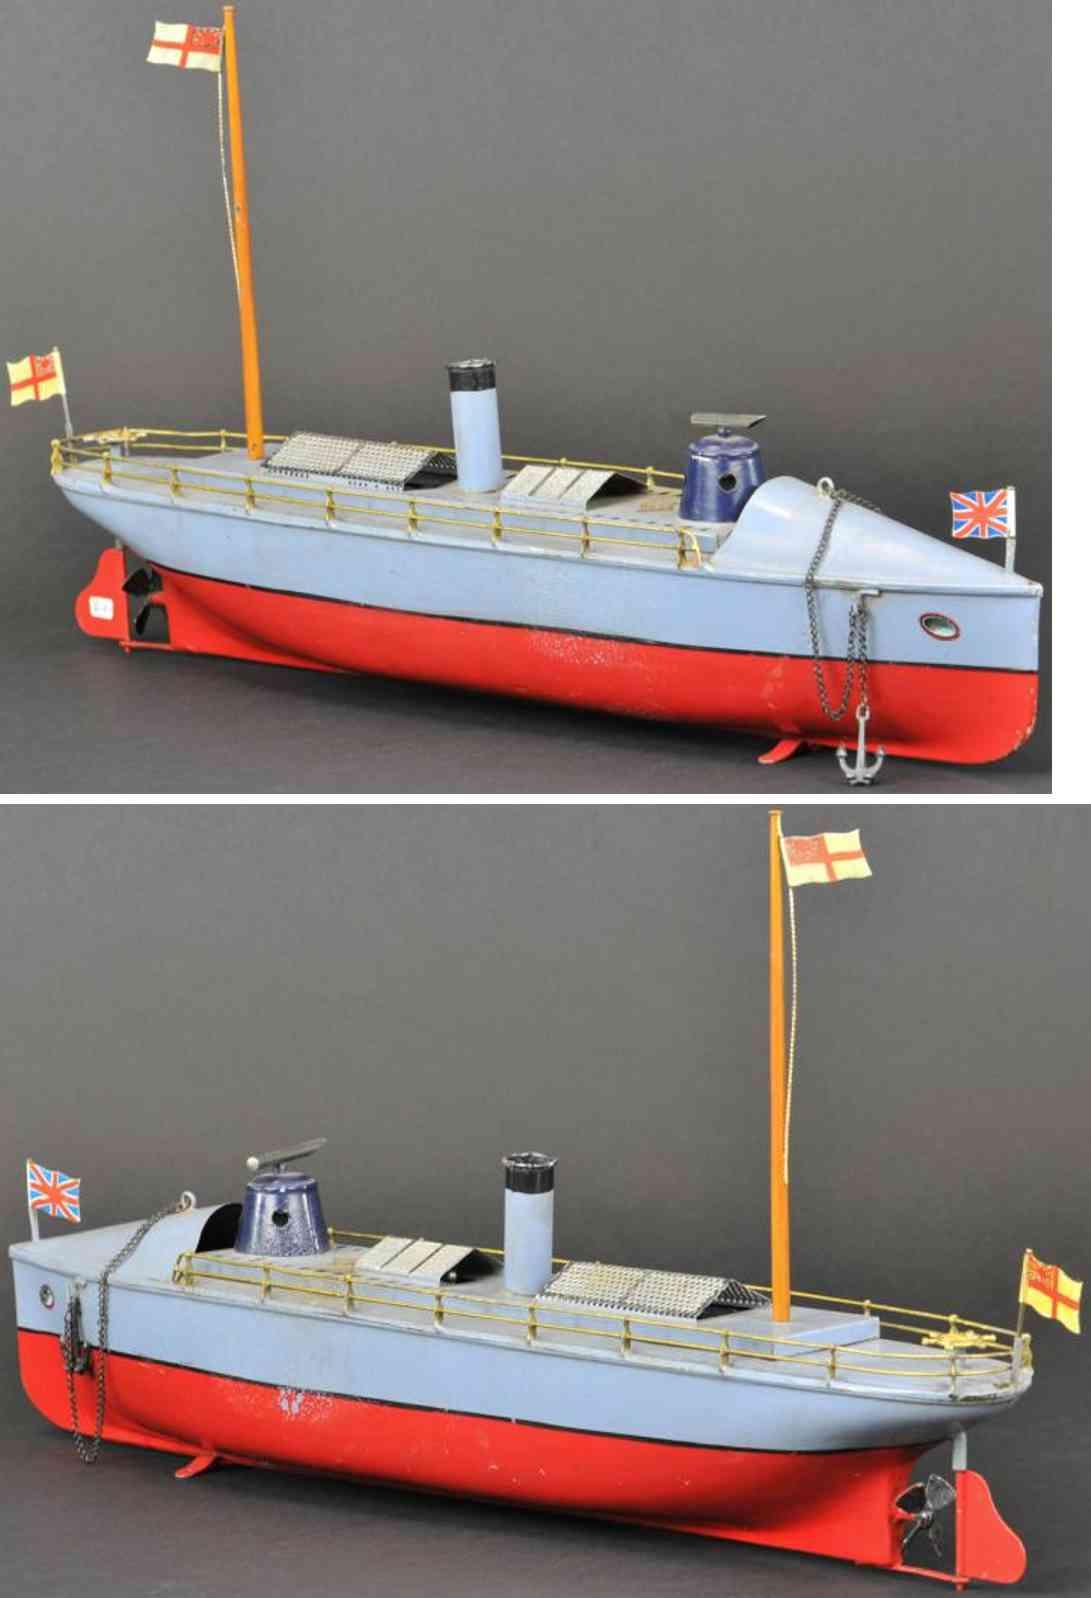 bing 155/122 blech spielzeug dampbetriebenes torpedoboot grau